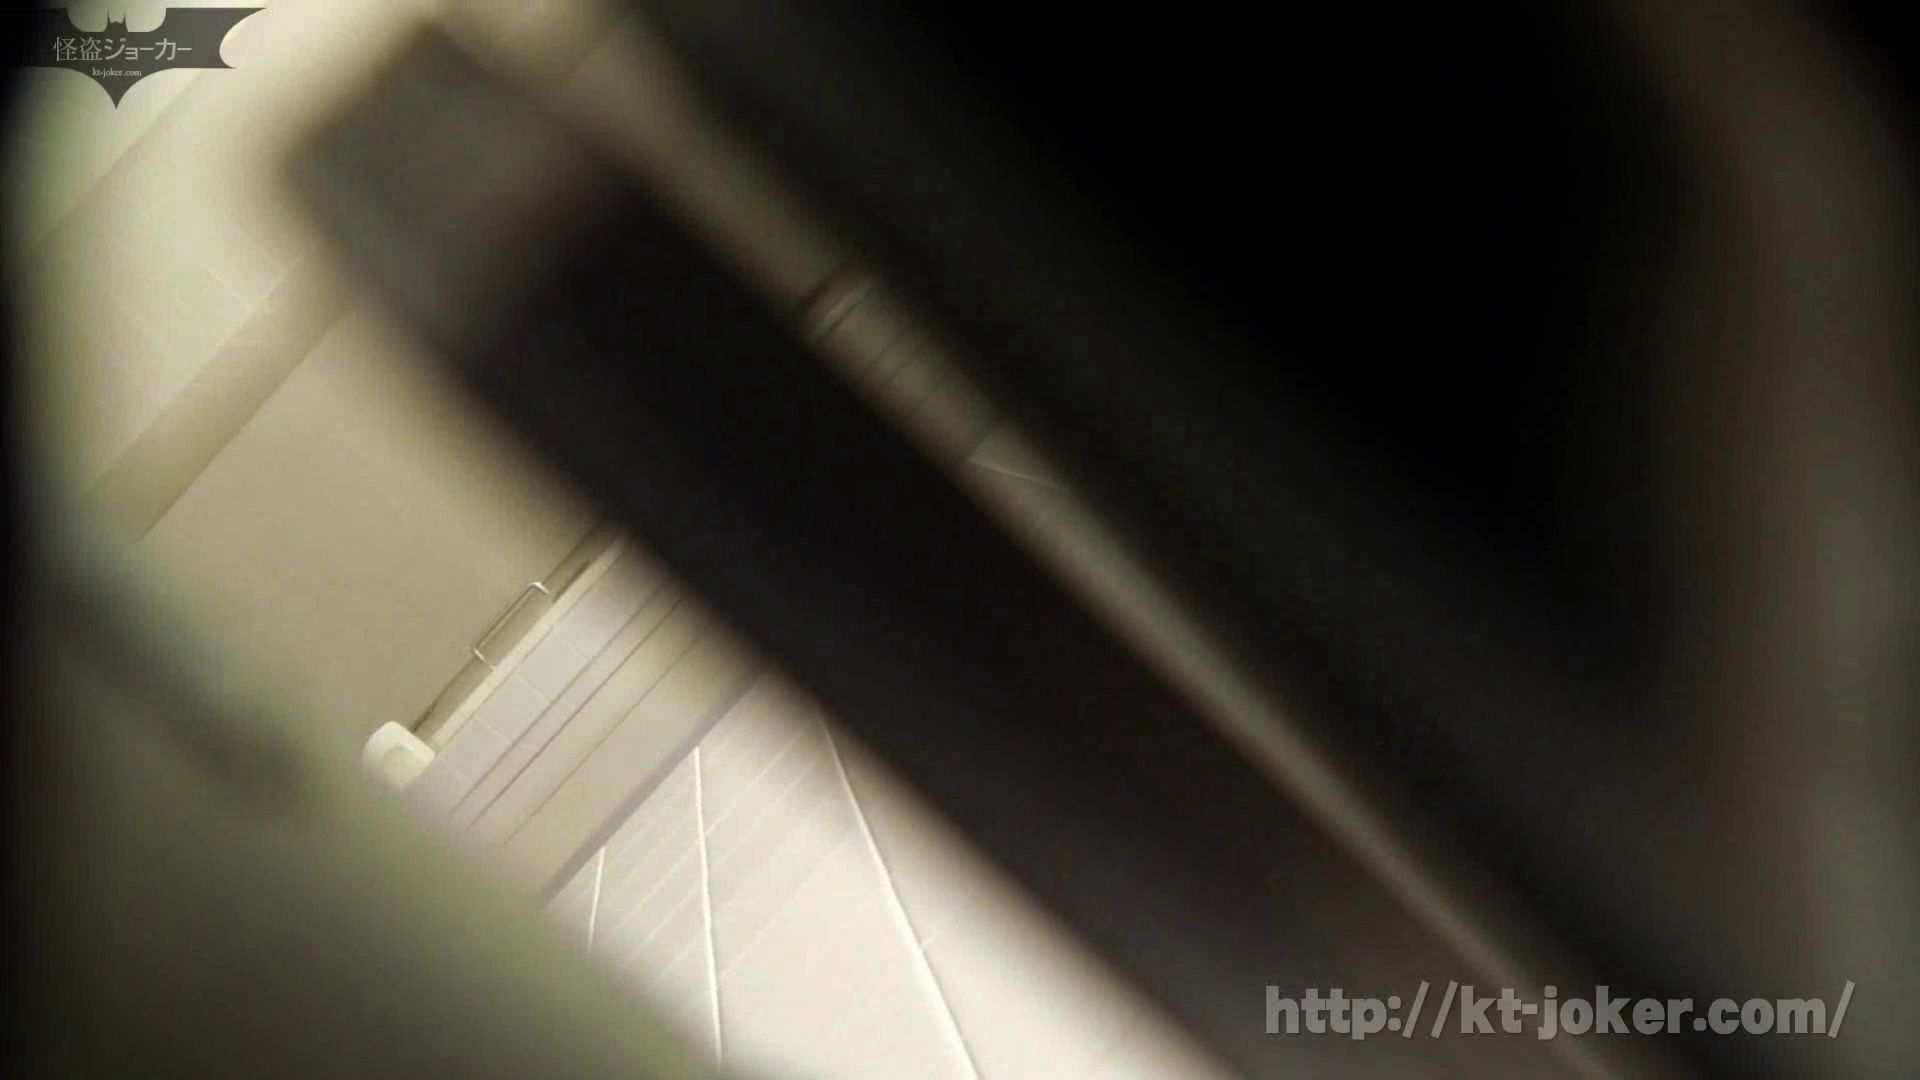 命がけ潜伏洗面所! vol.49 高値更新!EUで育った日本人 洗面所はめどり  98画像 54